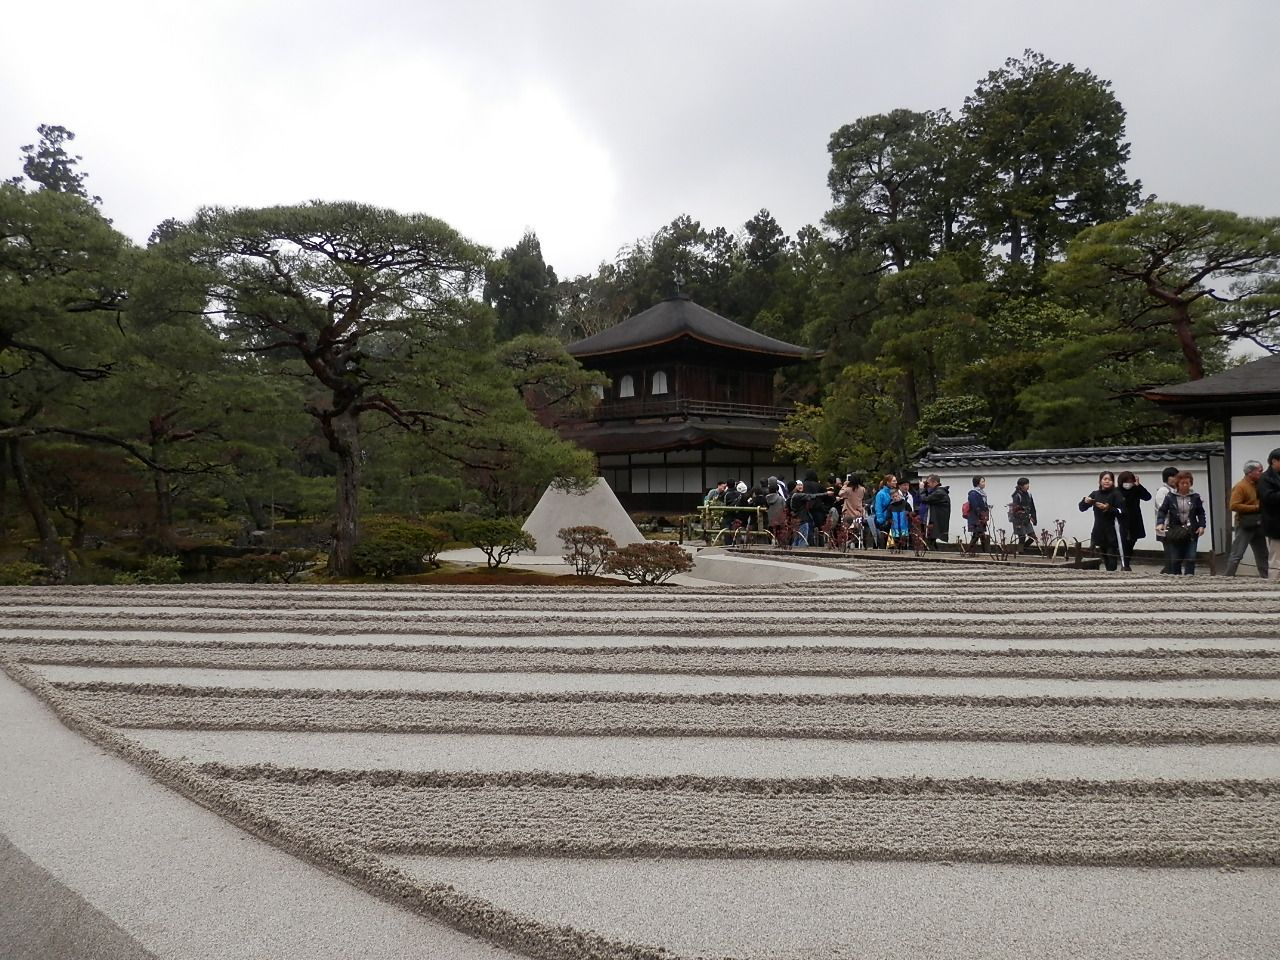 美の探究者が作った日本の造形美・・・銀閣寺